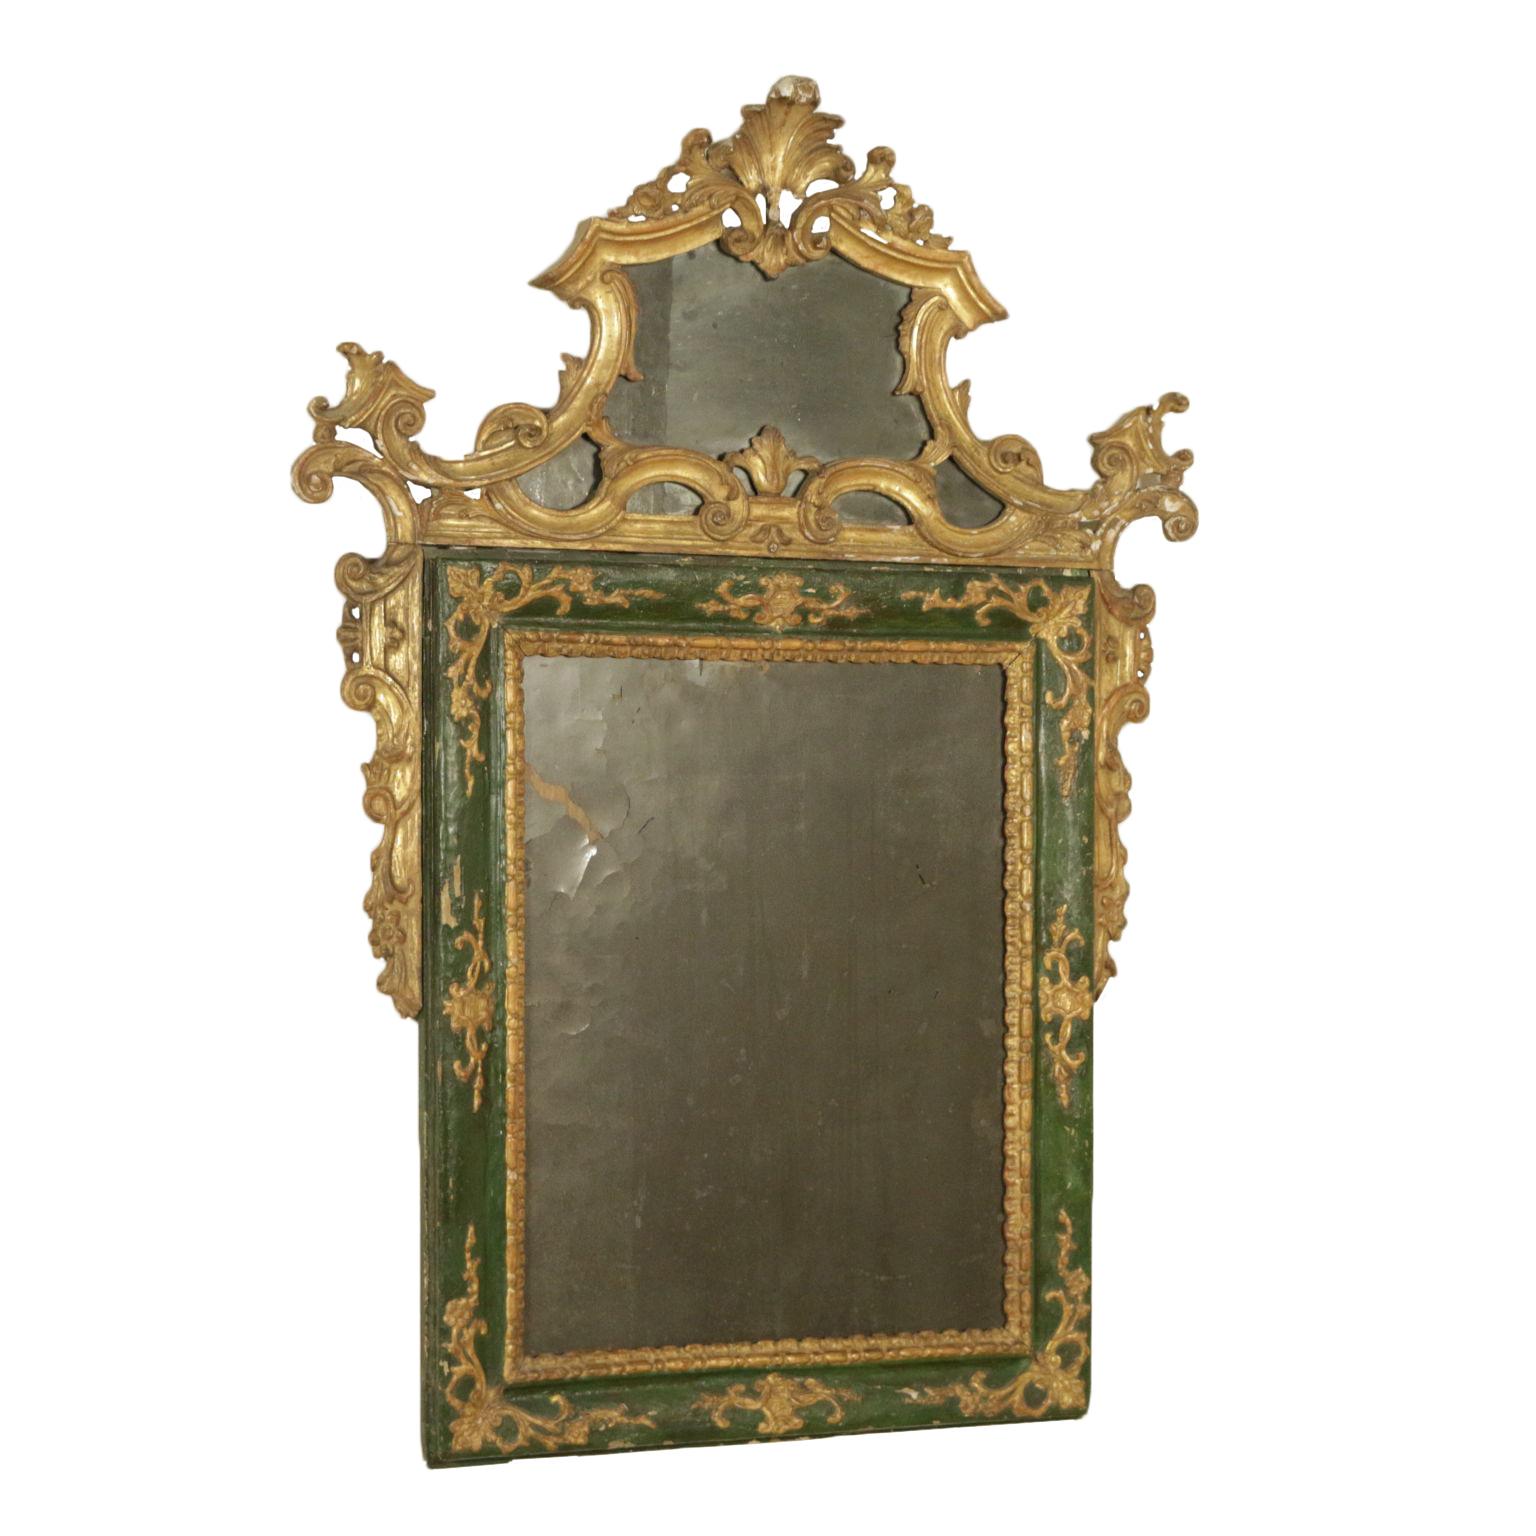 Espejo Lacado - Espejos y marcos - Antiguedades - dimanoinmano.it